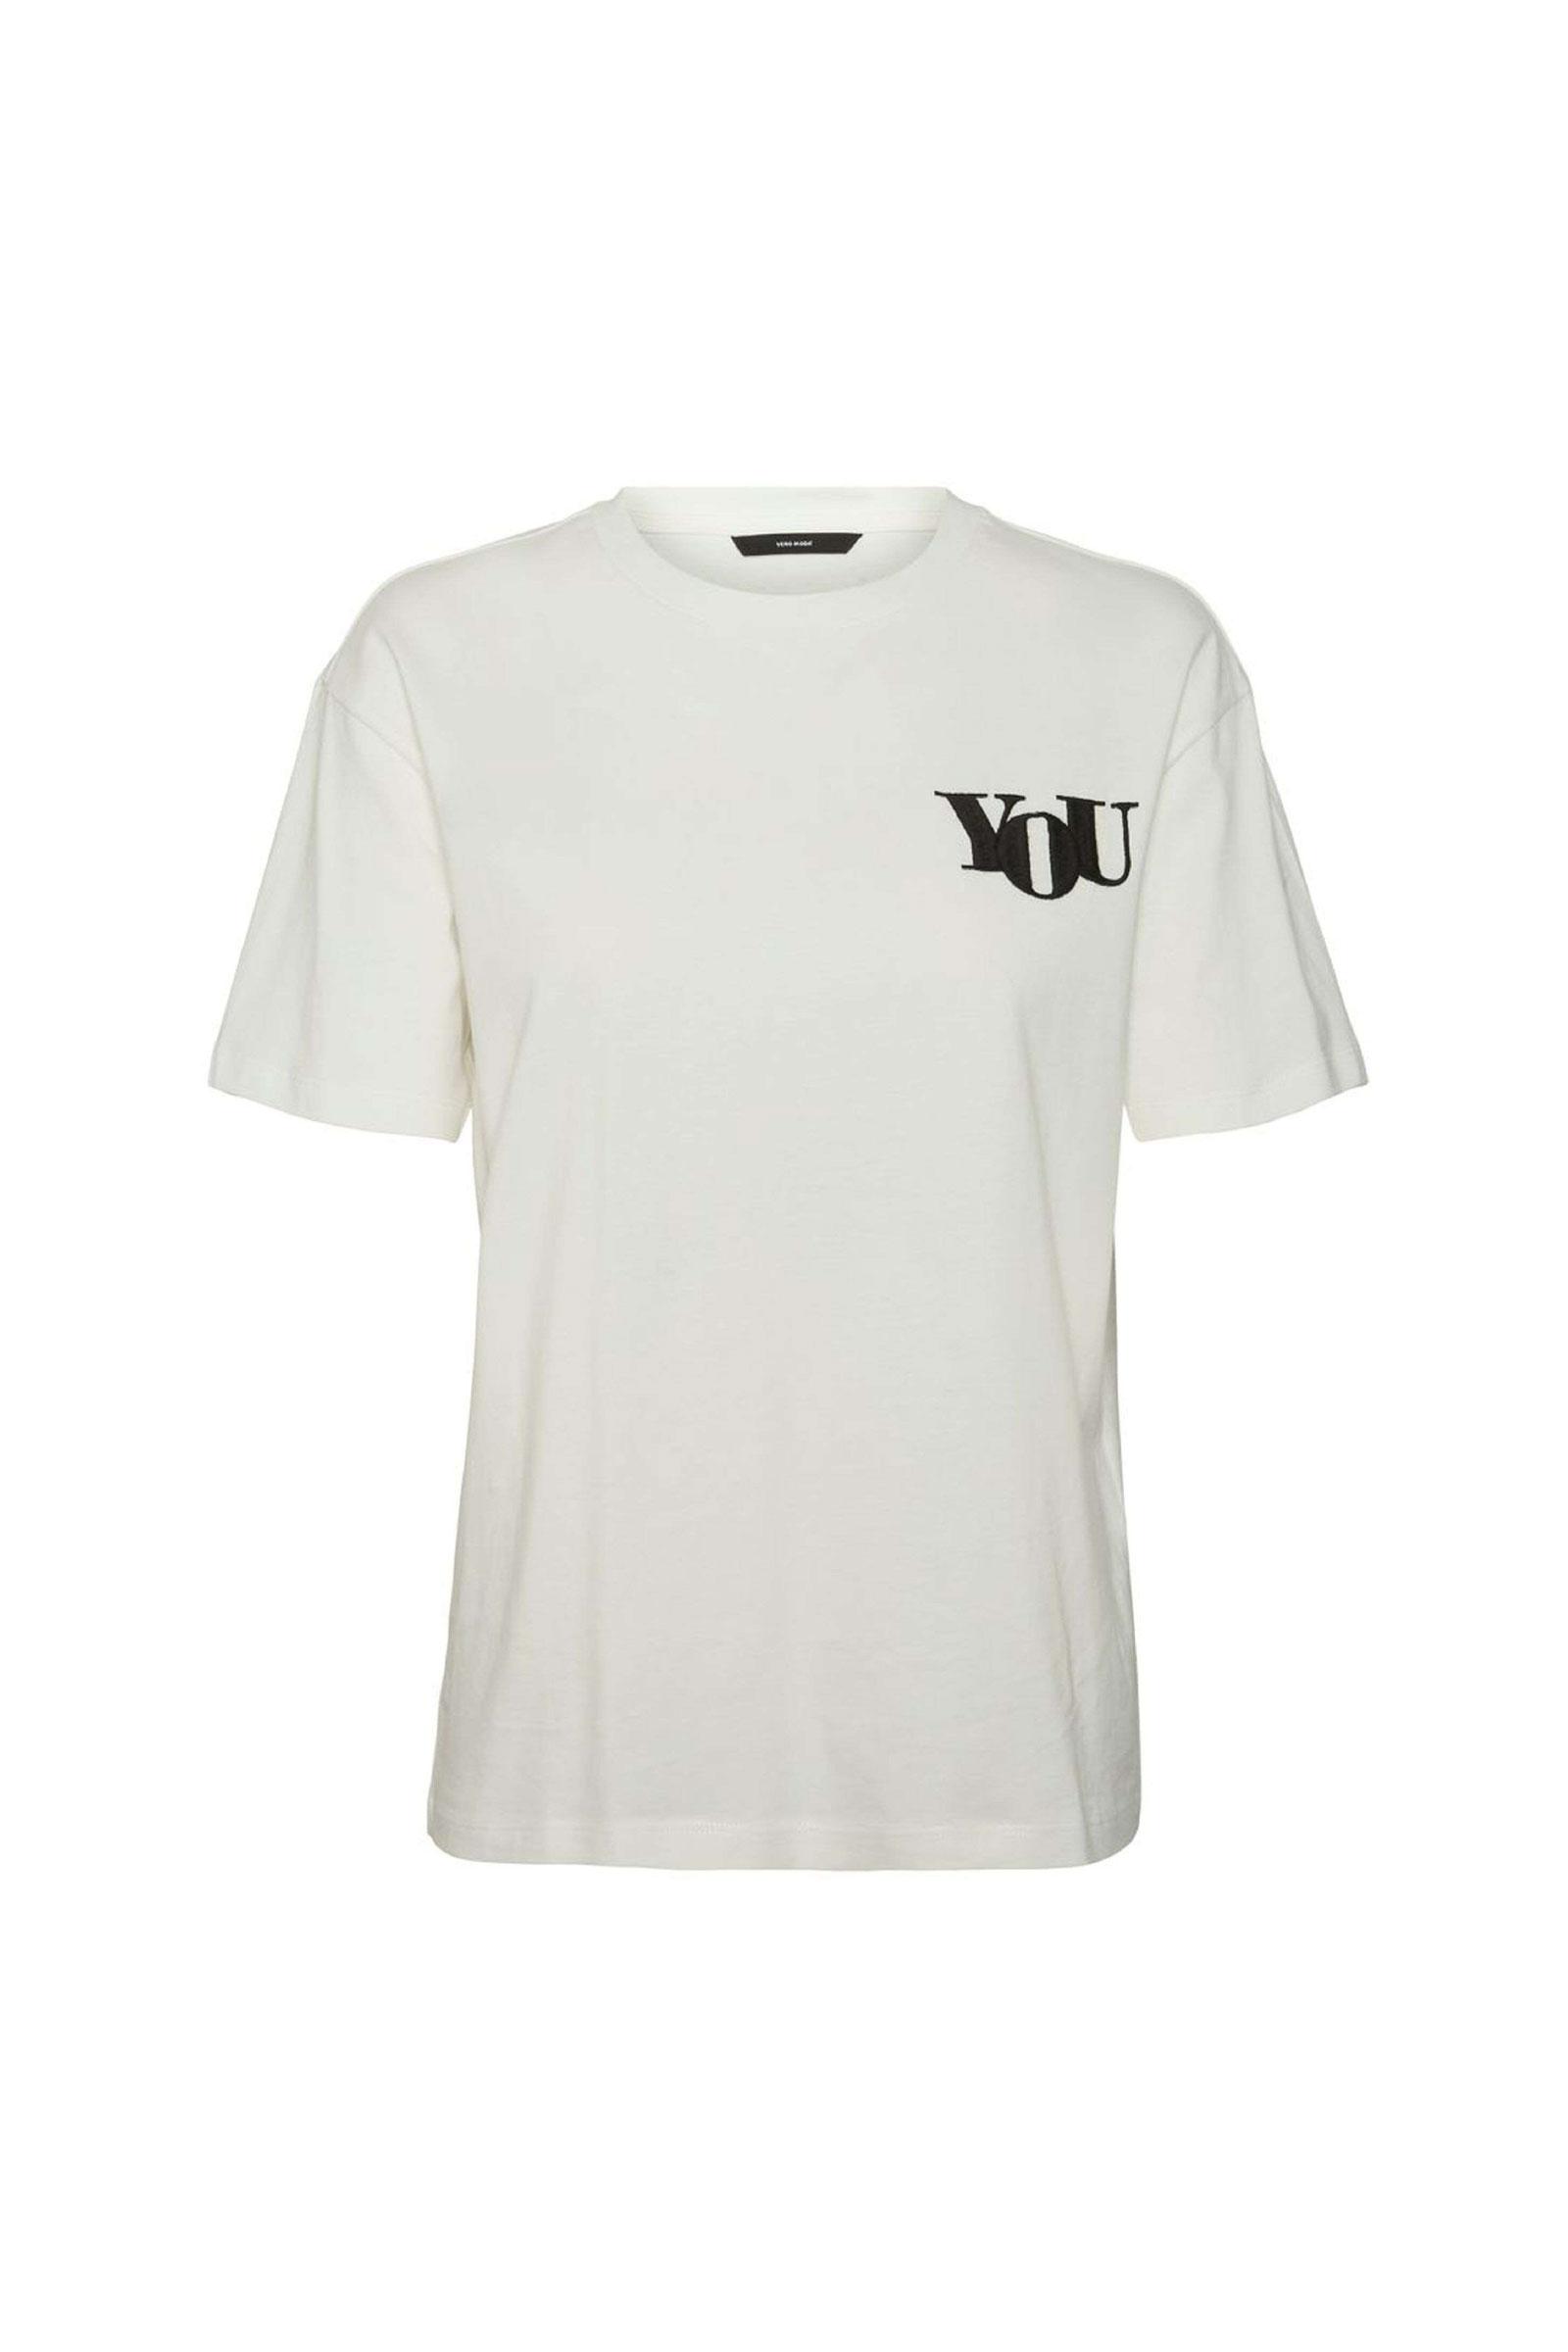 VERO MODA T-SHIRT Donna Modello NILI VERO MODA | T-Shirt | 10241344Print-BLACK YOU